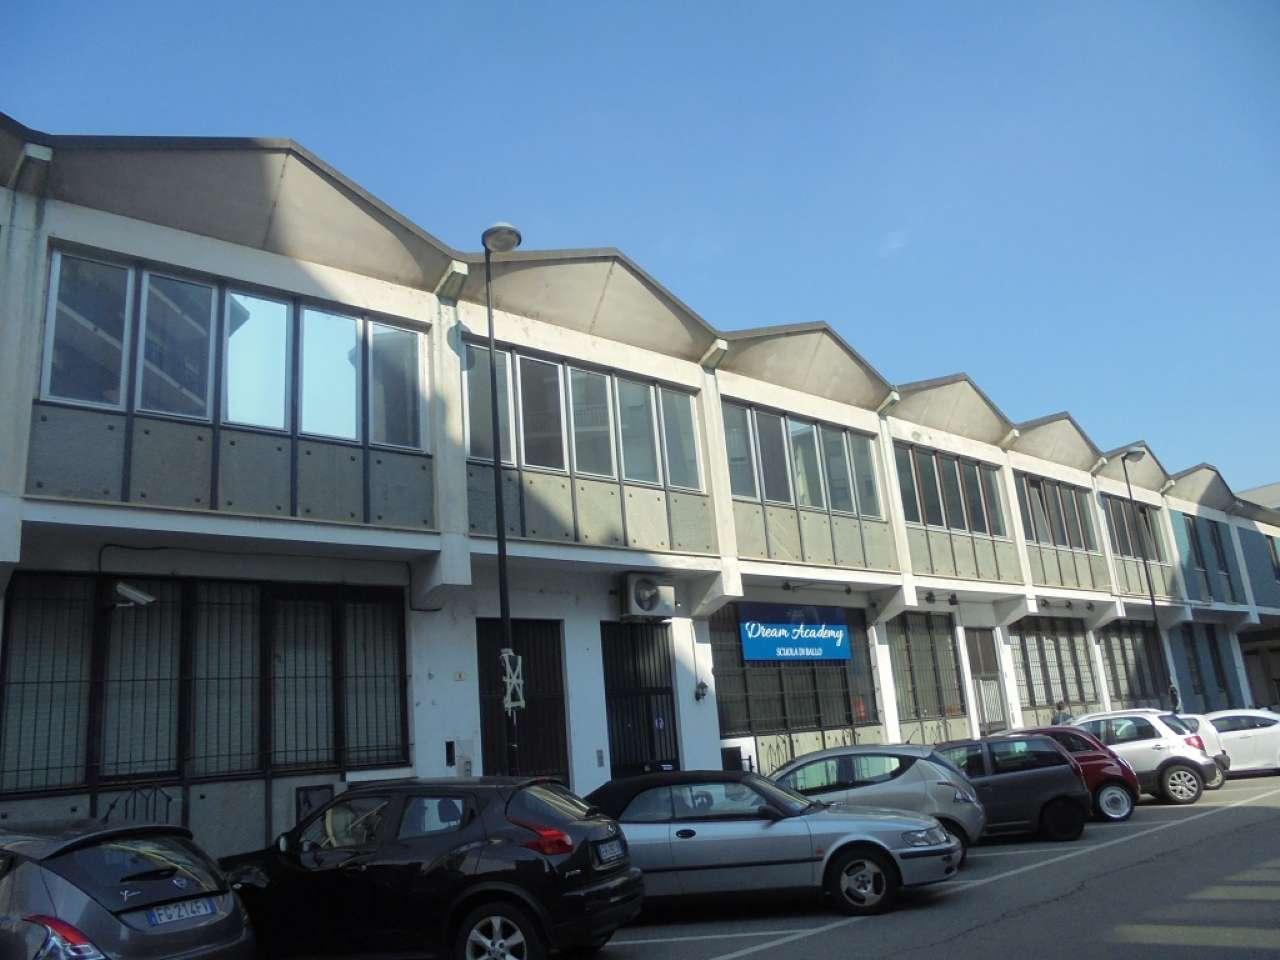 Immobile Commerciale in vendita a Beinasco, 9999 locali, prezzo € 179.000 | PortaleAgenzieImmobiliari.it